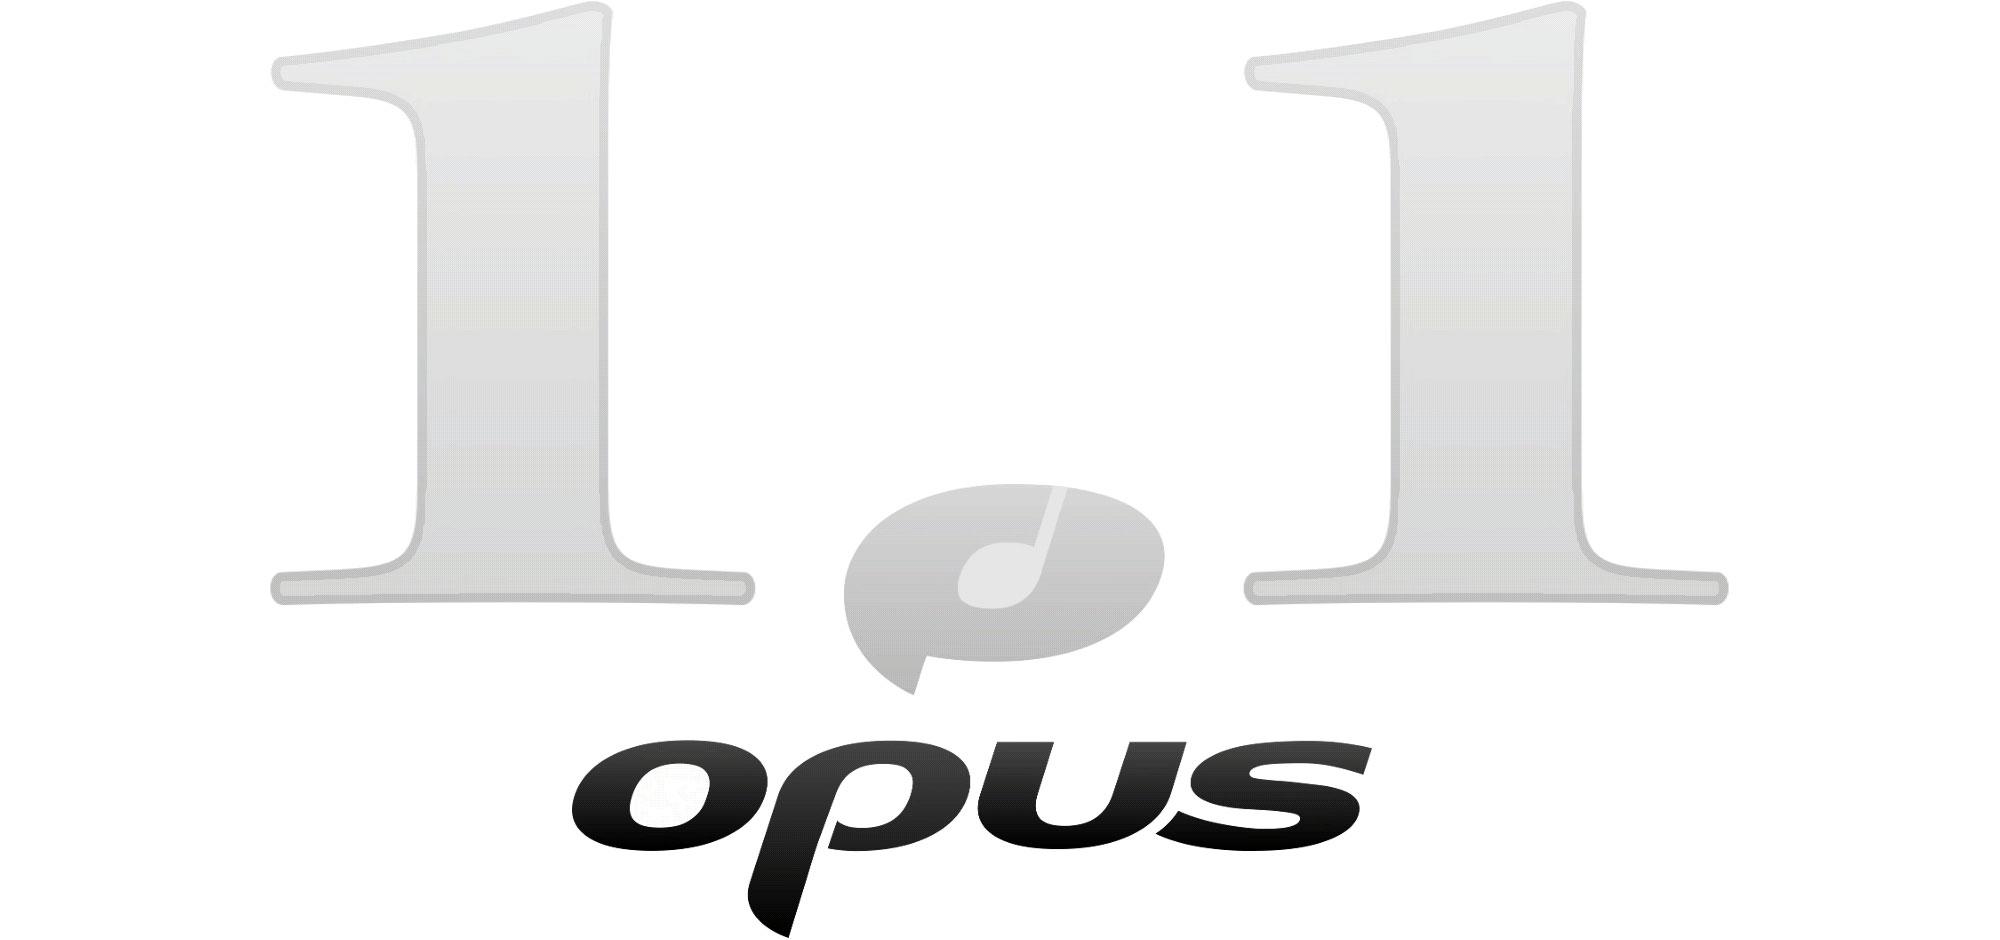 Opus11